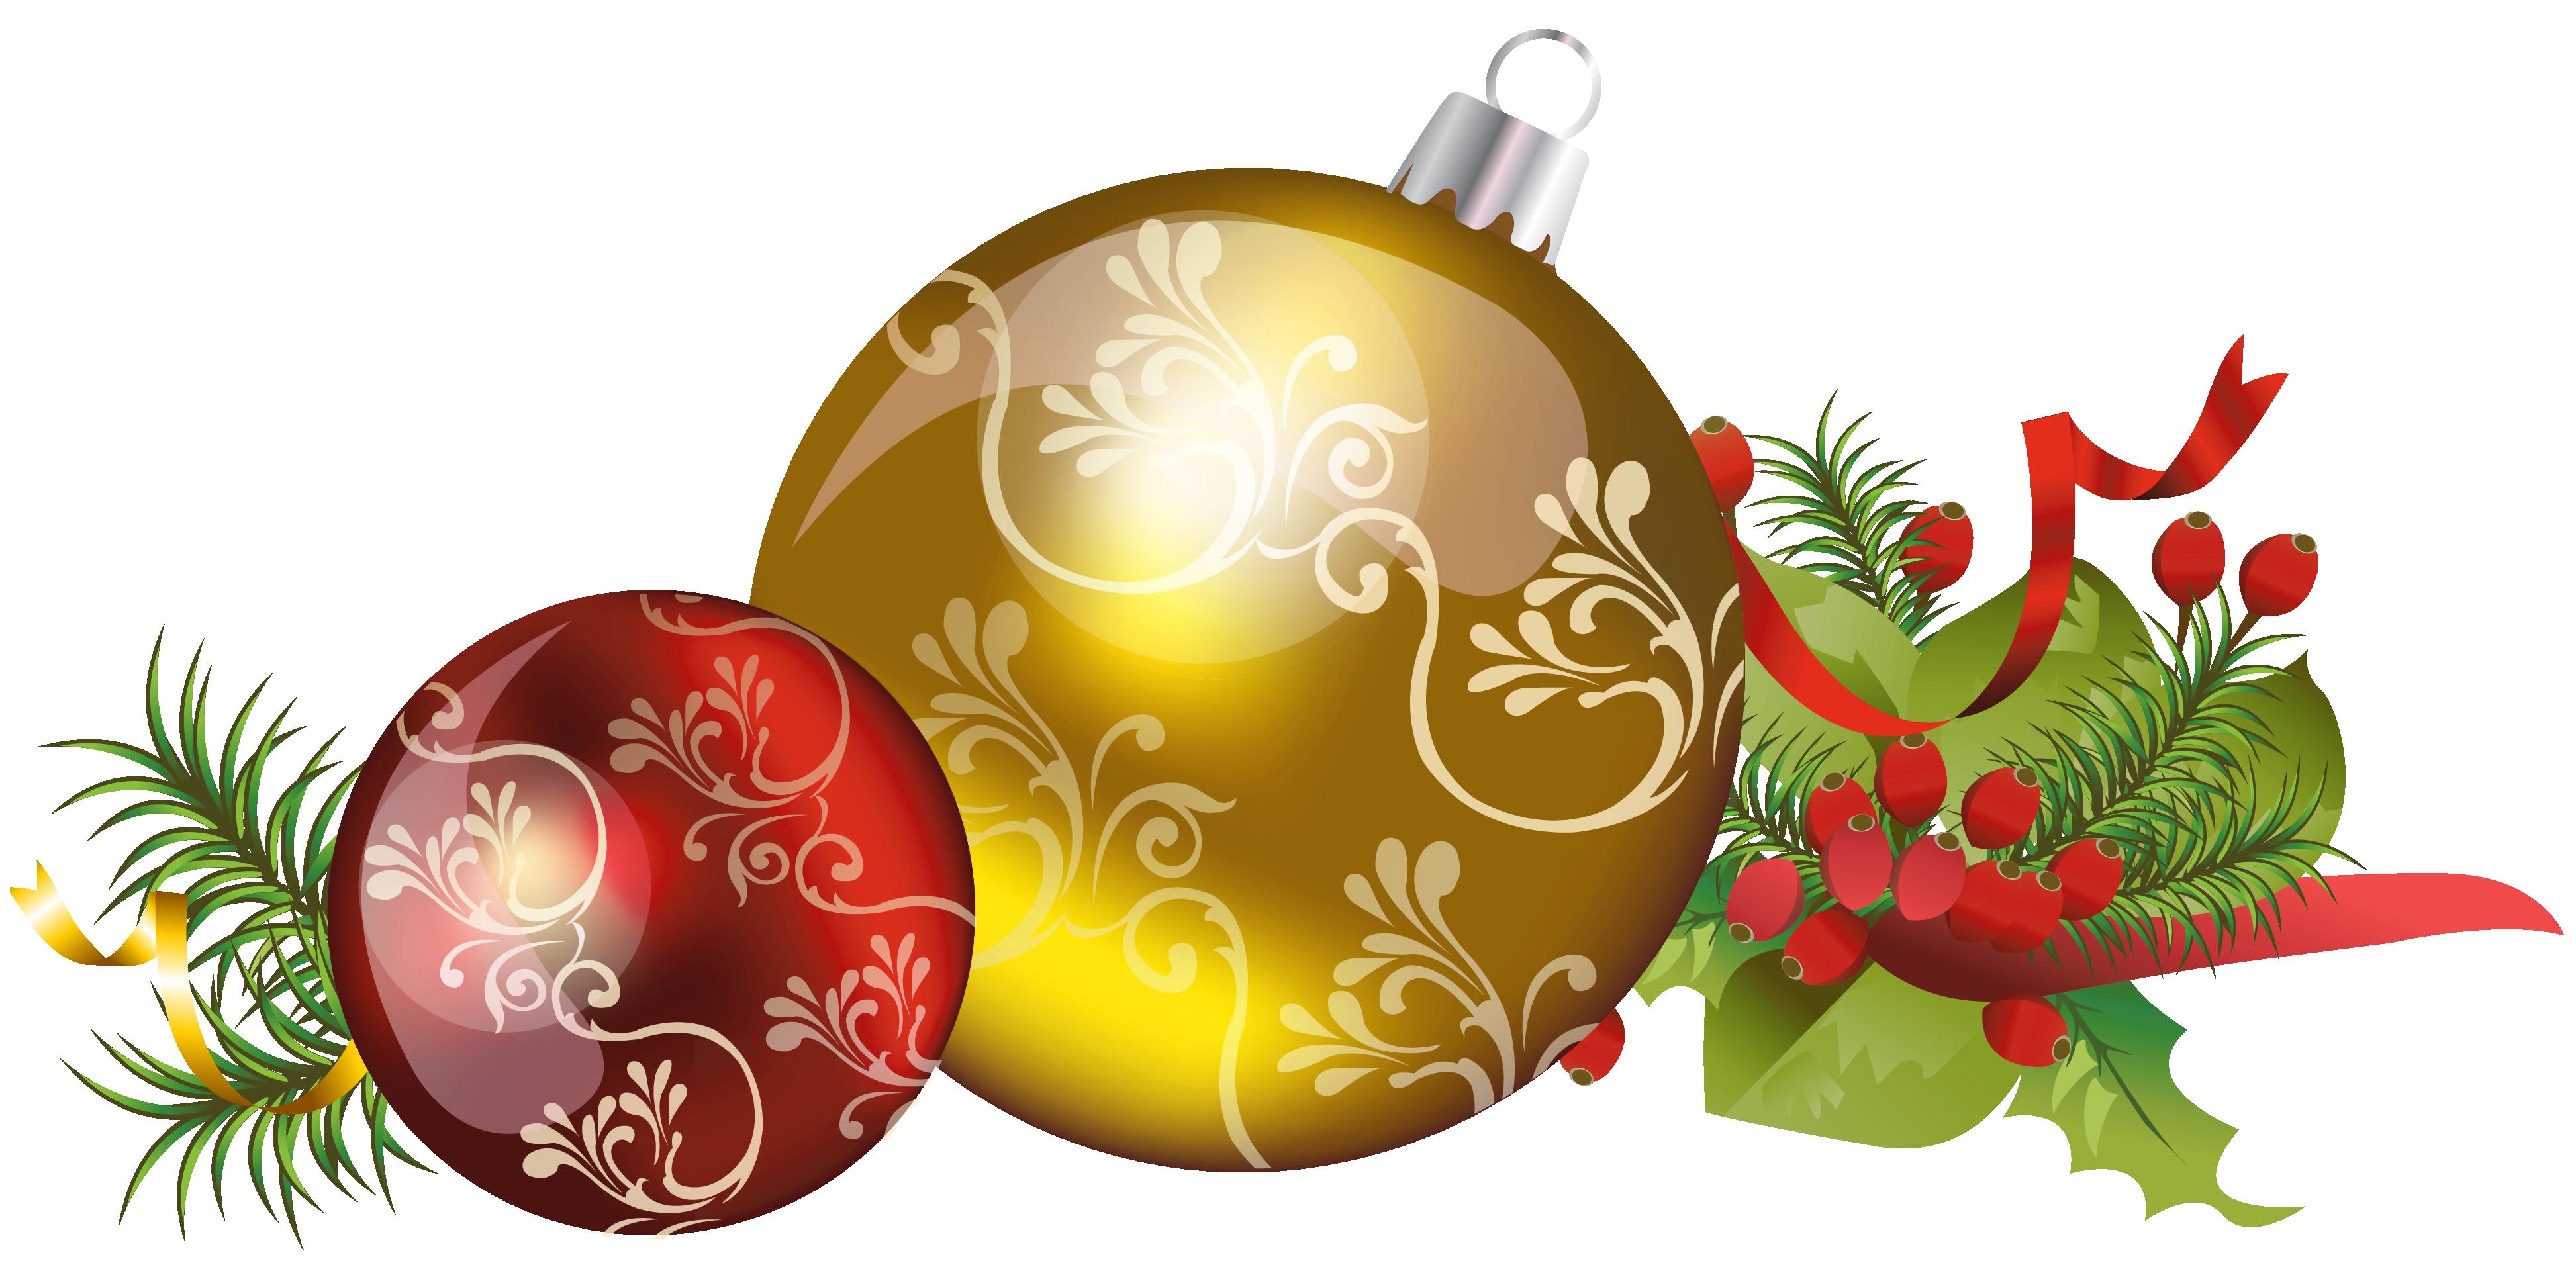 Christmas Ornaments Christmas 2015 Christmas